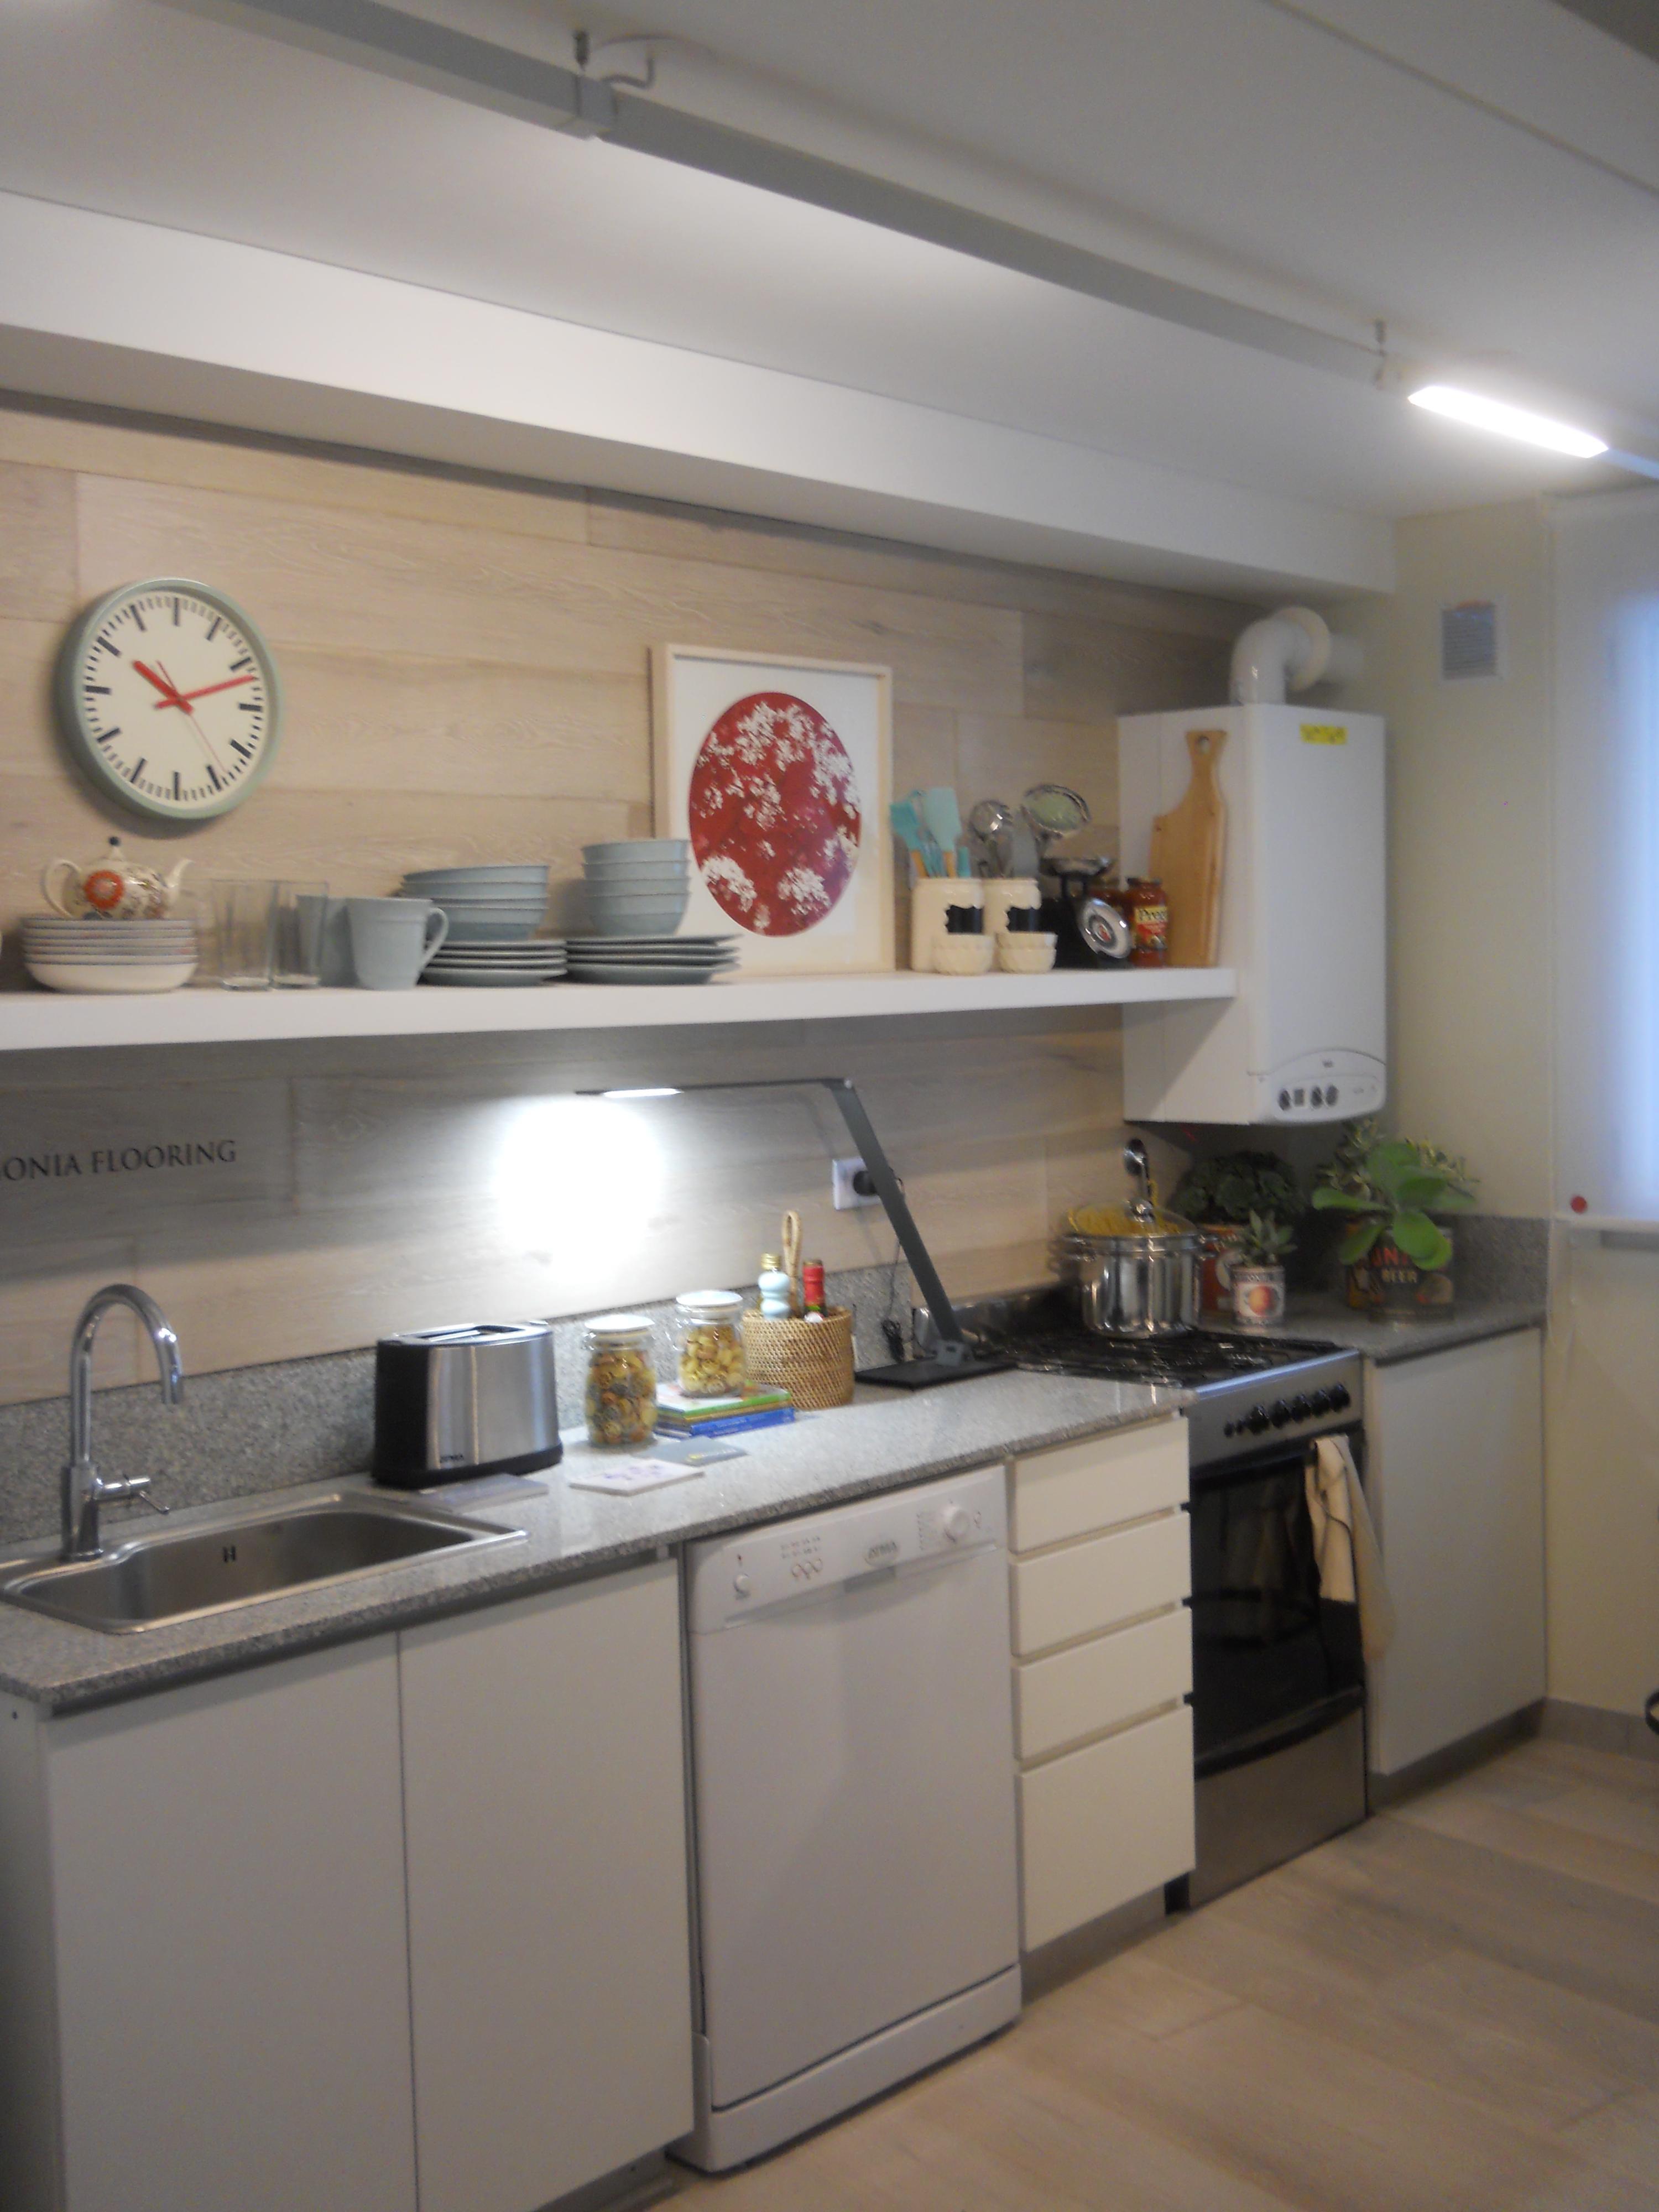 Griscandi la iluminaci n de armarios y estanter as en la cocina - Estanterias para la cocina ...